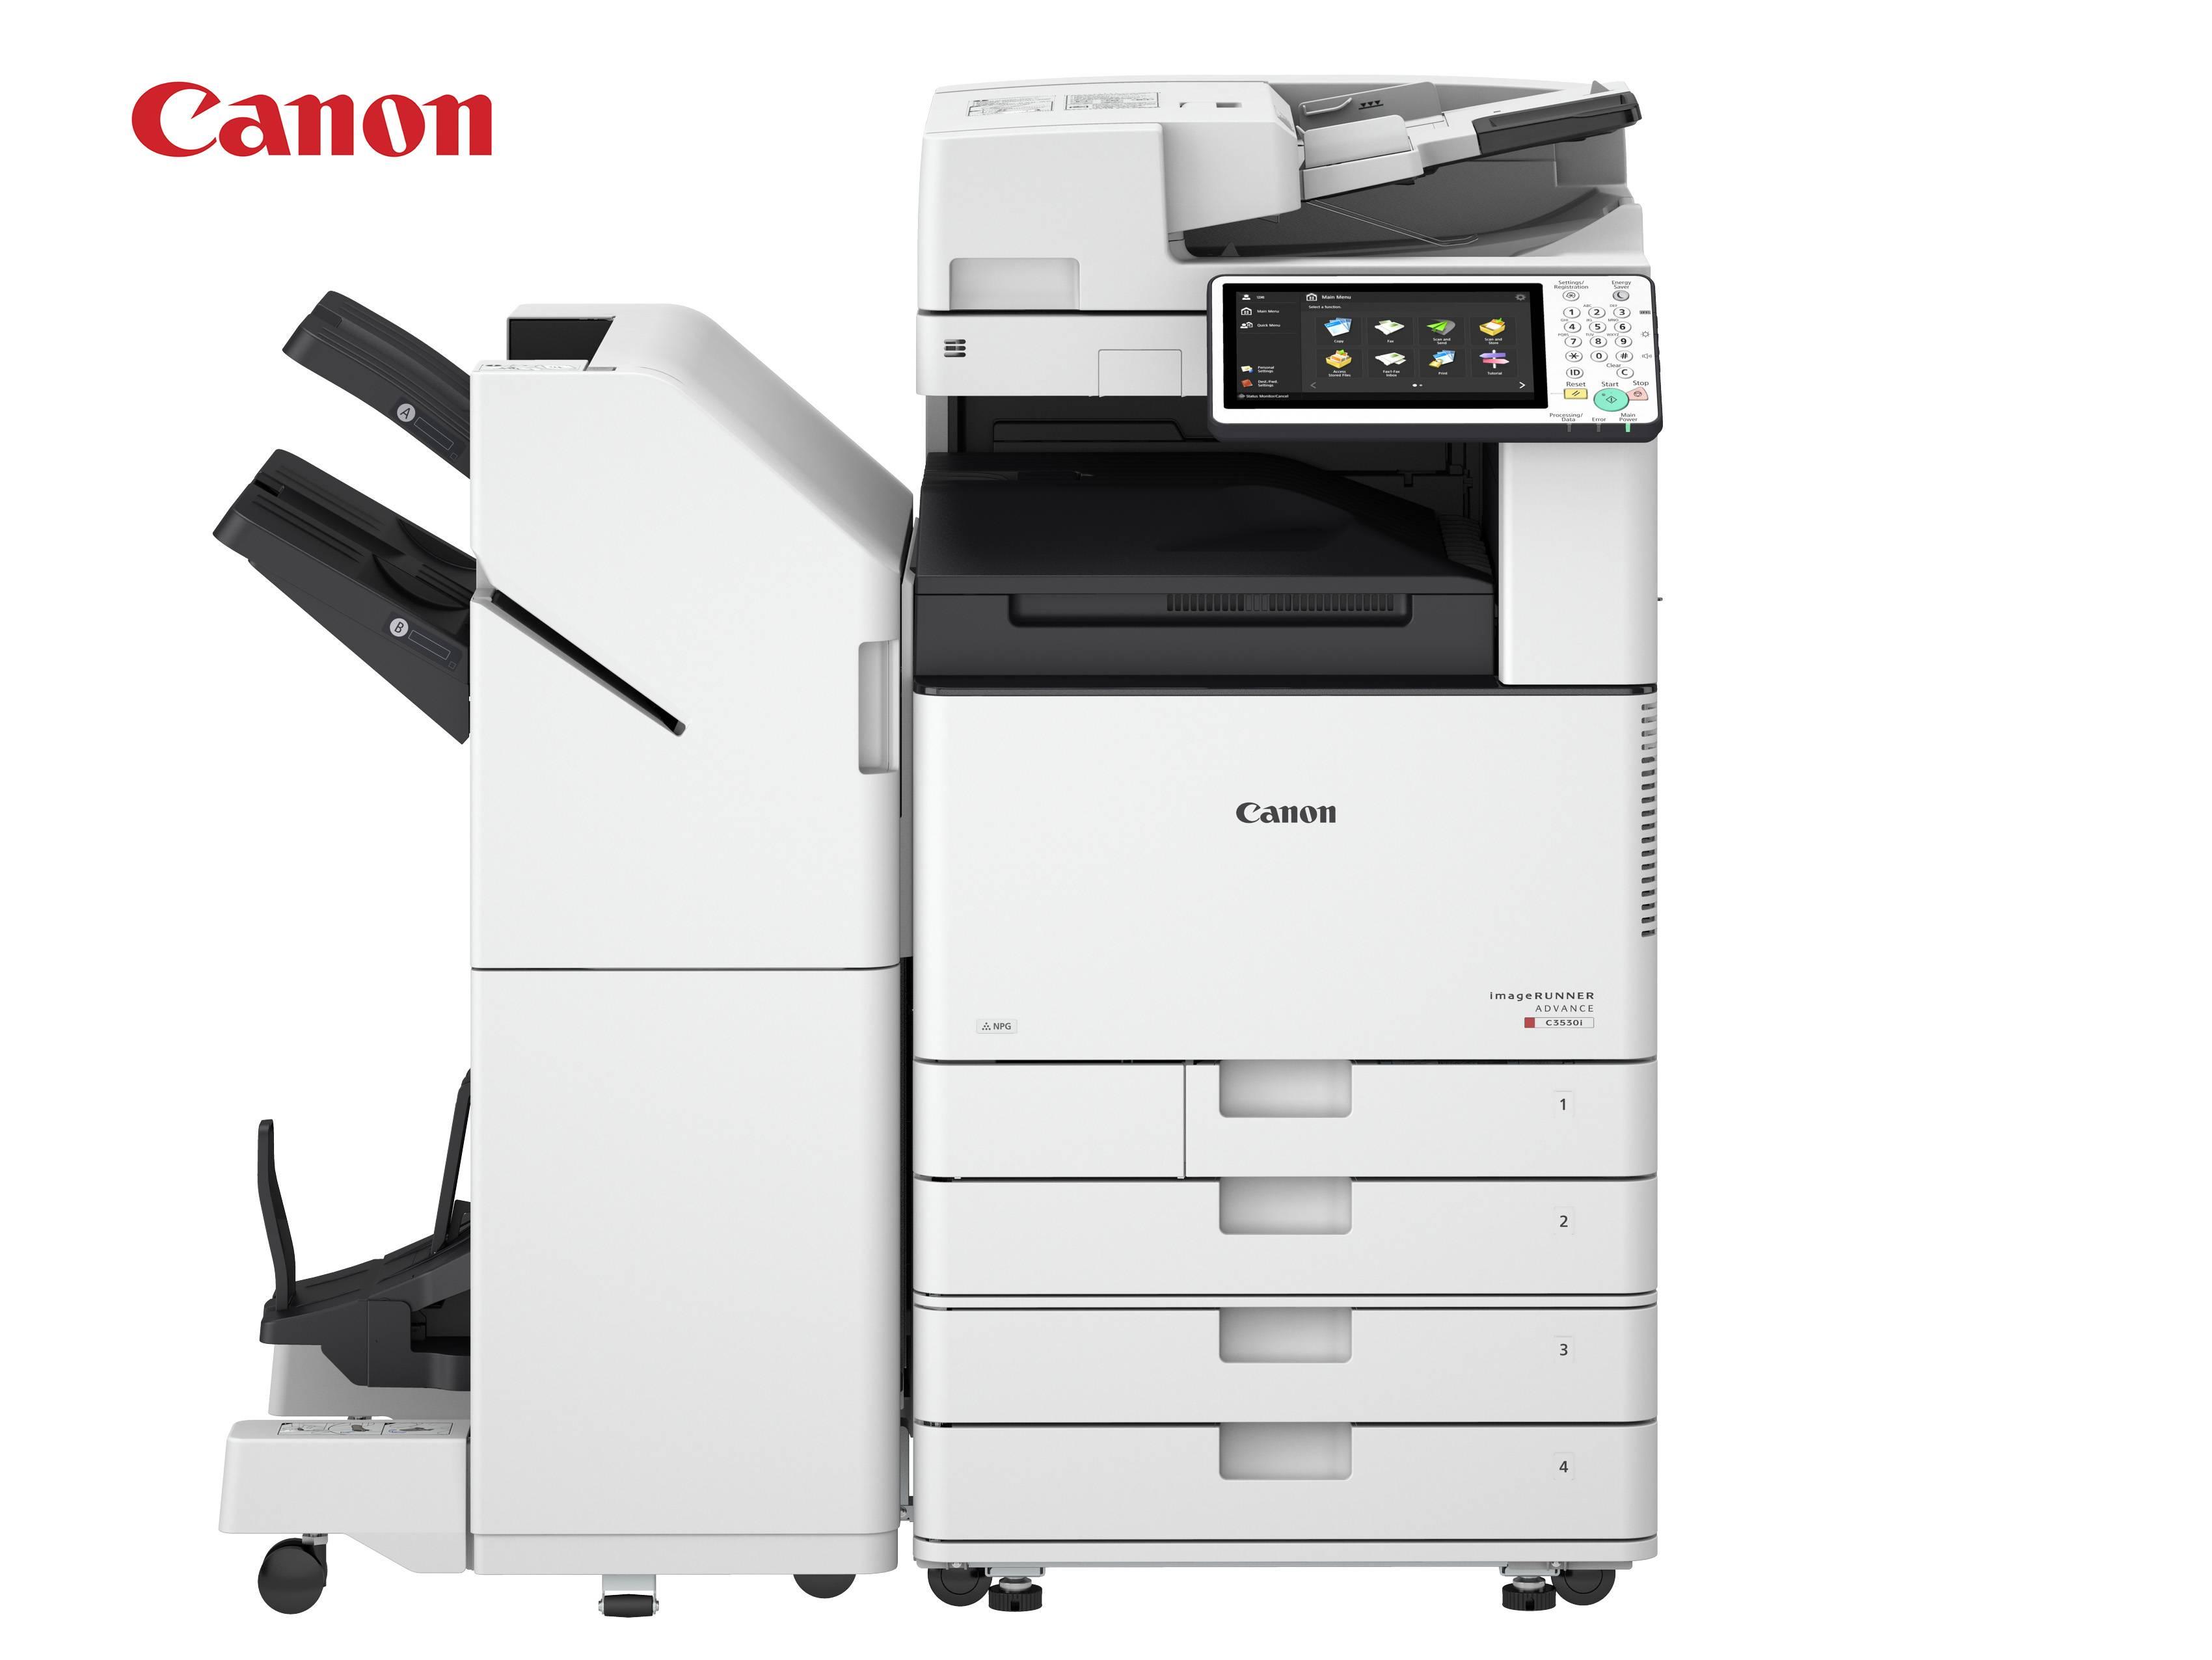 Canon_Printer_w_Brand